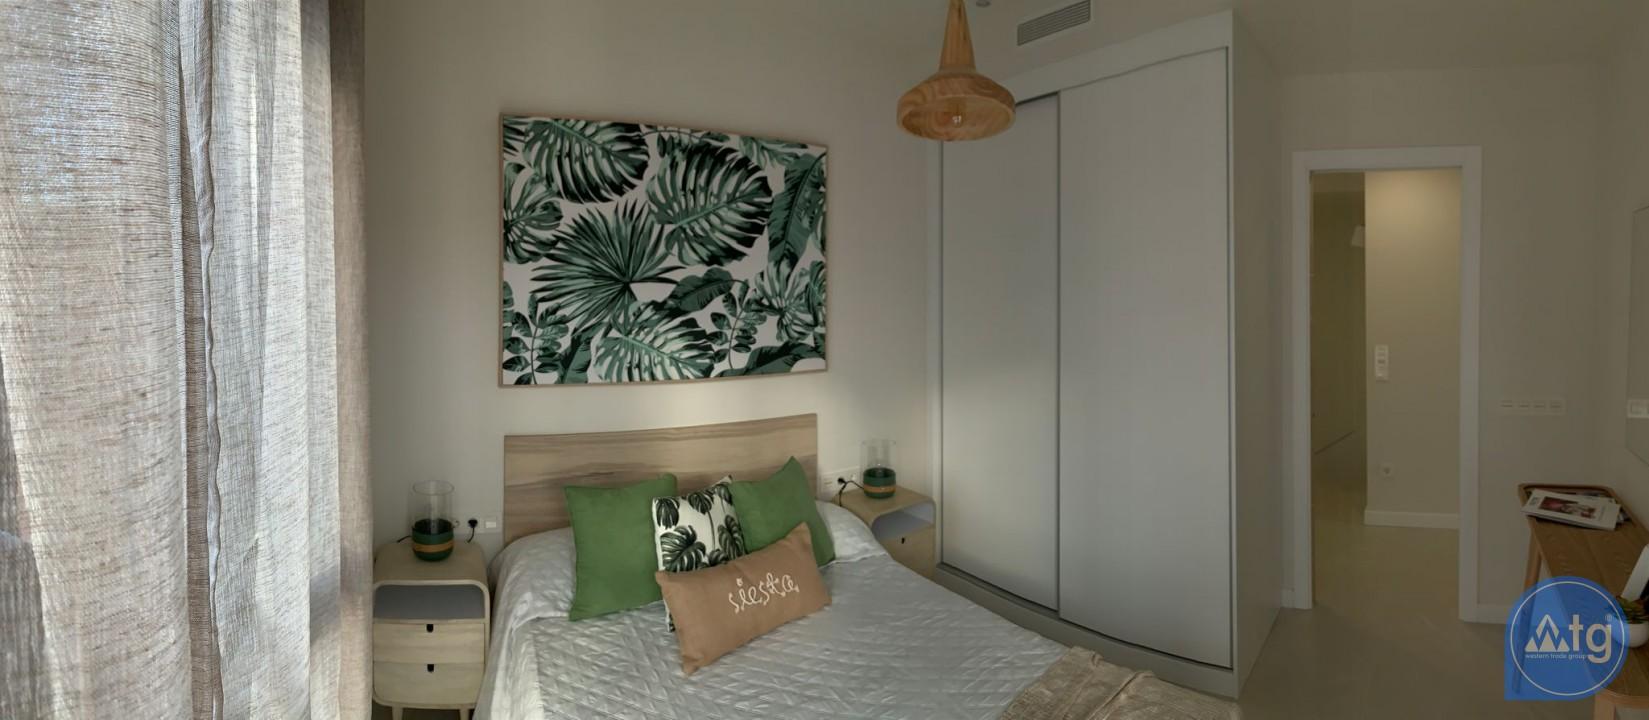 Вилла в Сан-Хавьер, 3 спальни  - OI114606 - 38